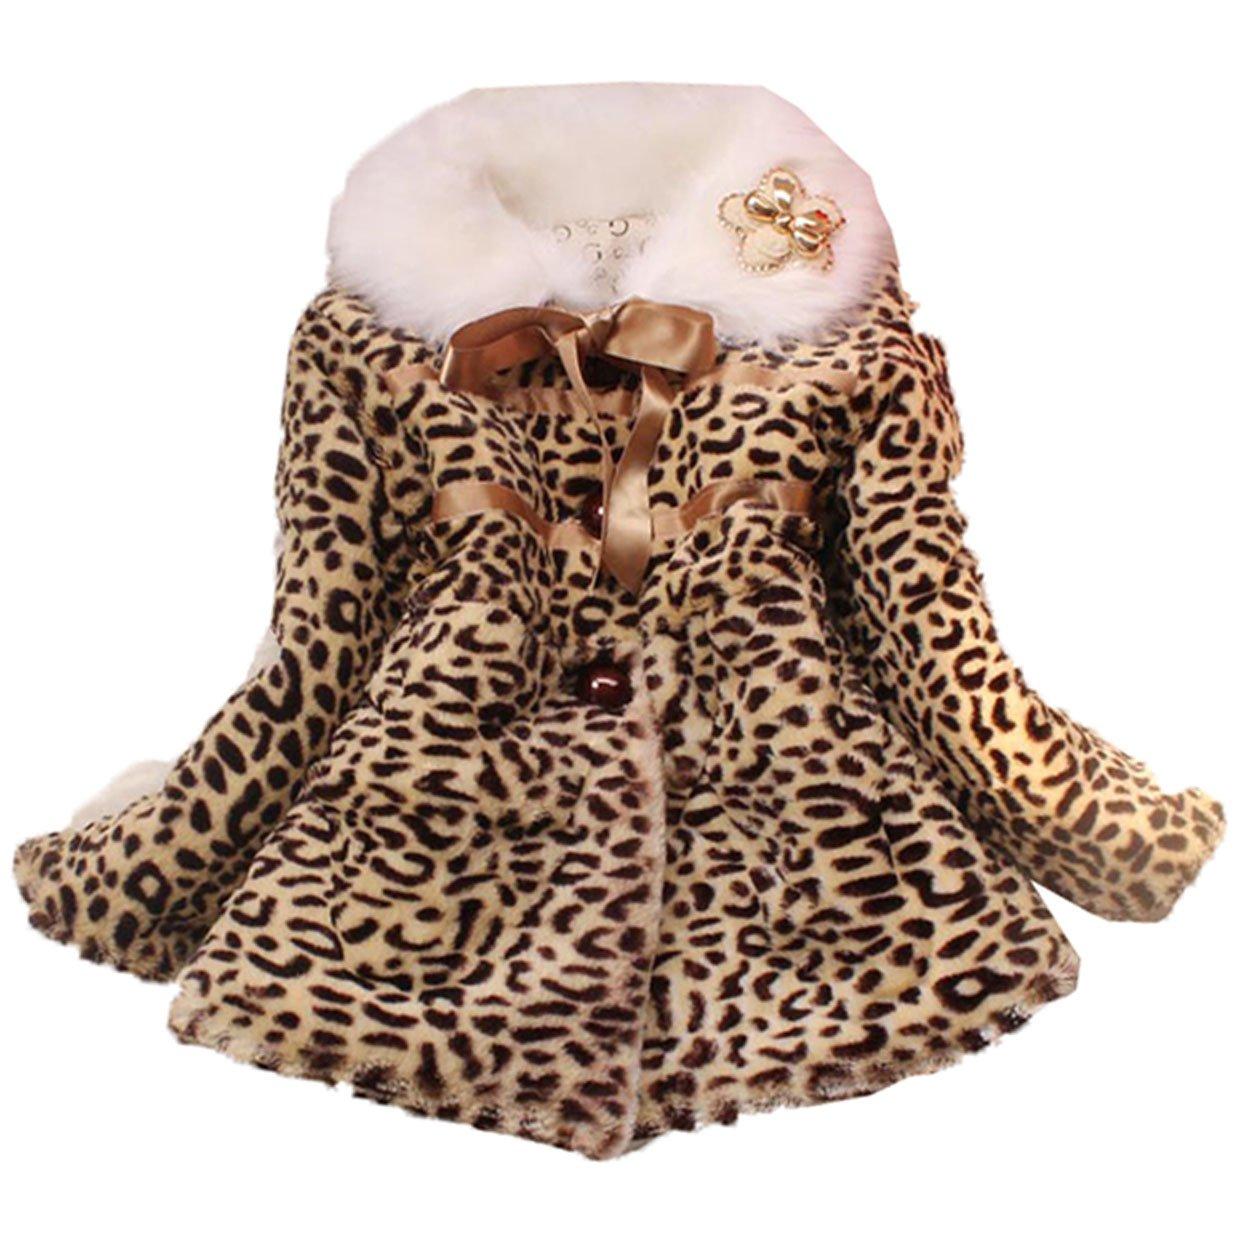 JIANLANPTT Little Girl Leopard Faux Fur Coat Kids Winter Autumn Warm Outwear